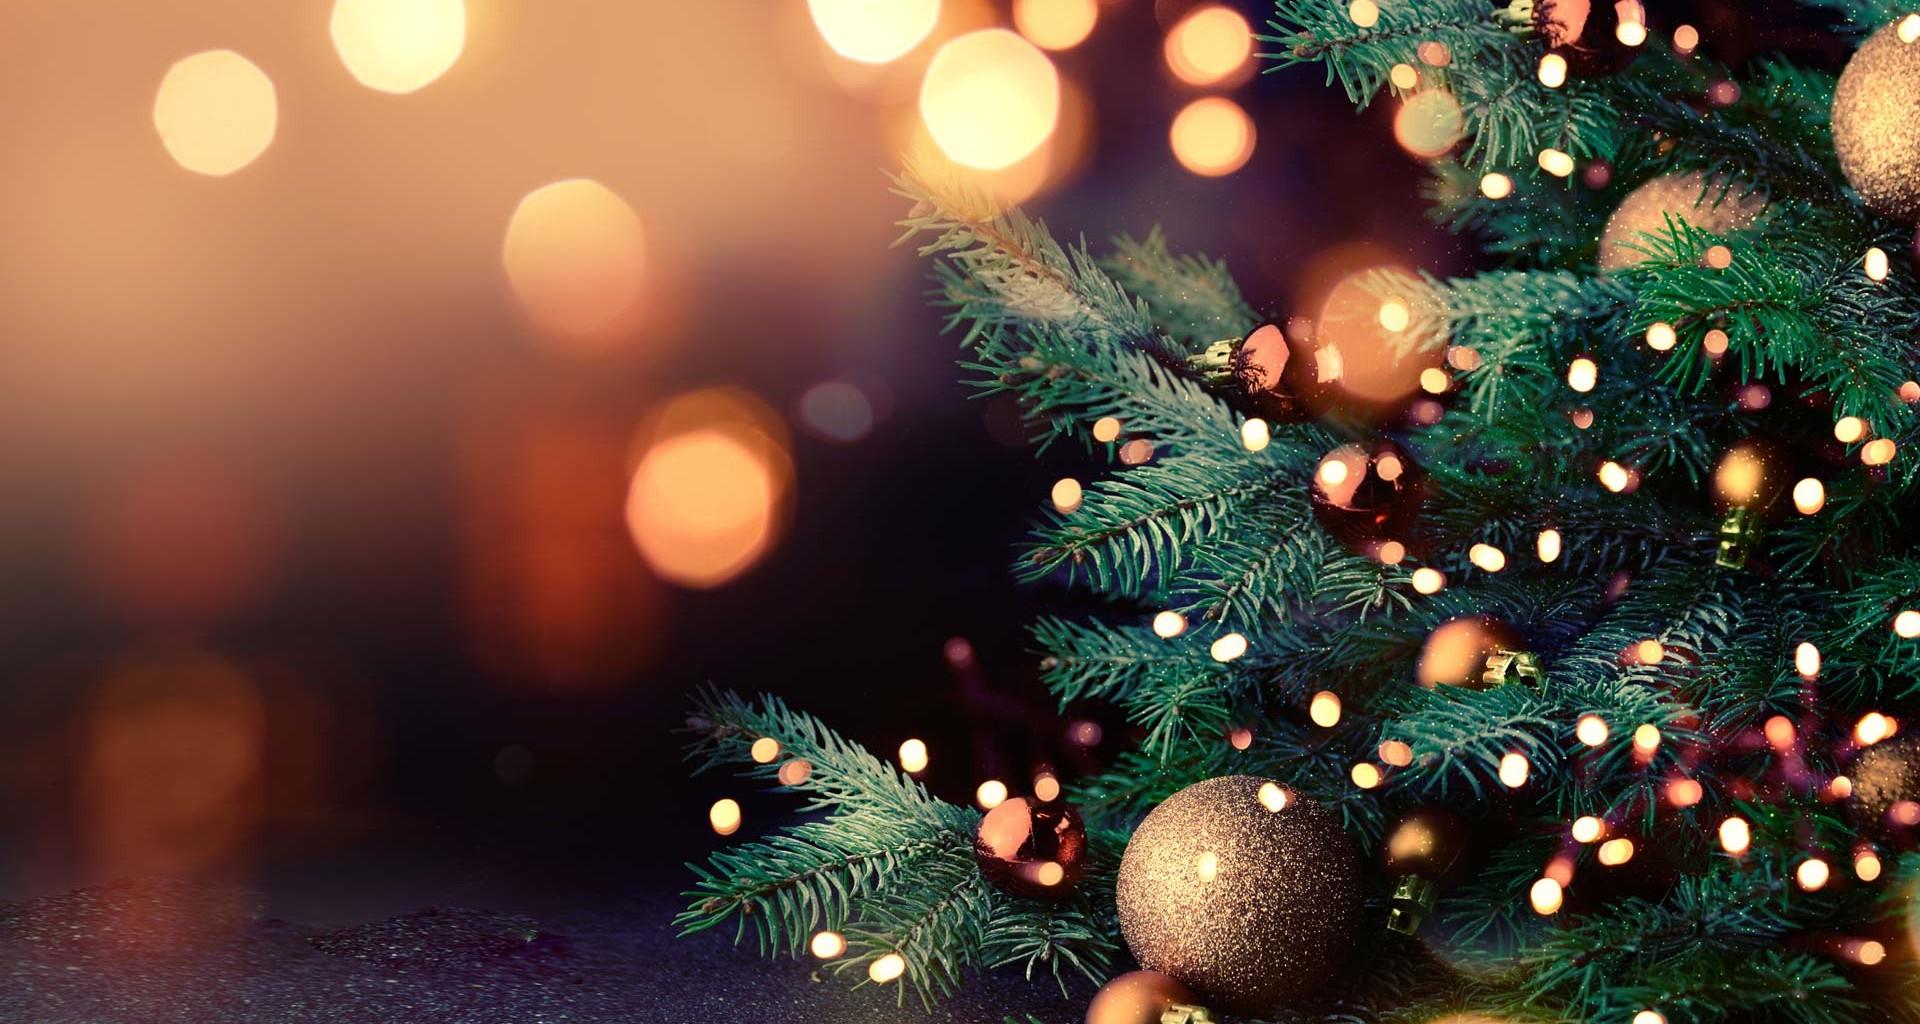 Las Fiestas de Navidad, Fin de Año y Año Nuevo y el Archivo Literario Municipal